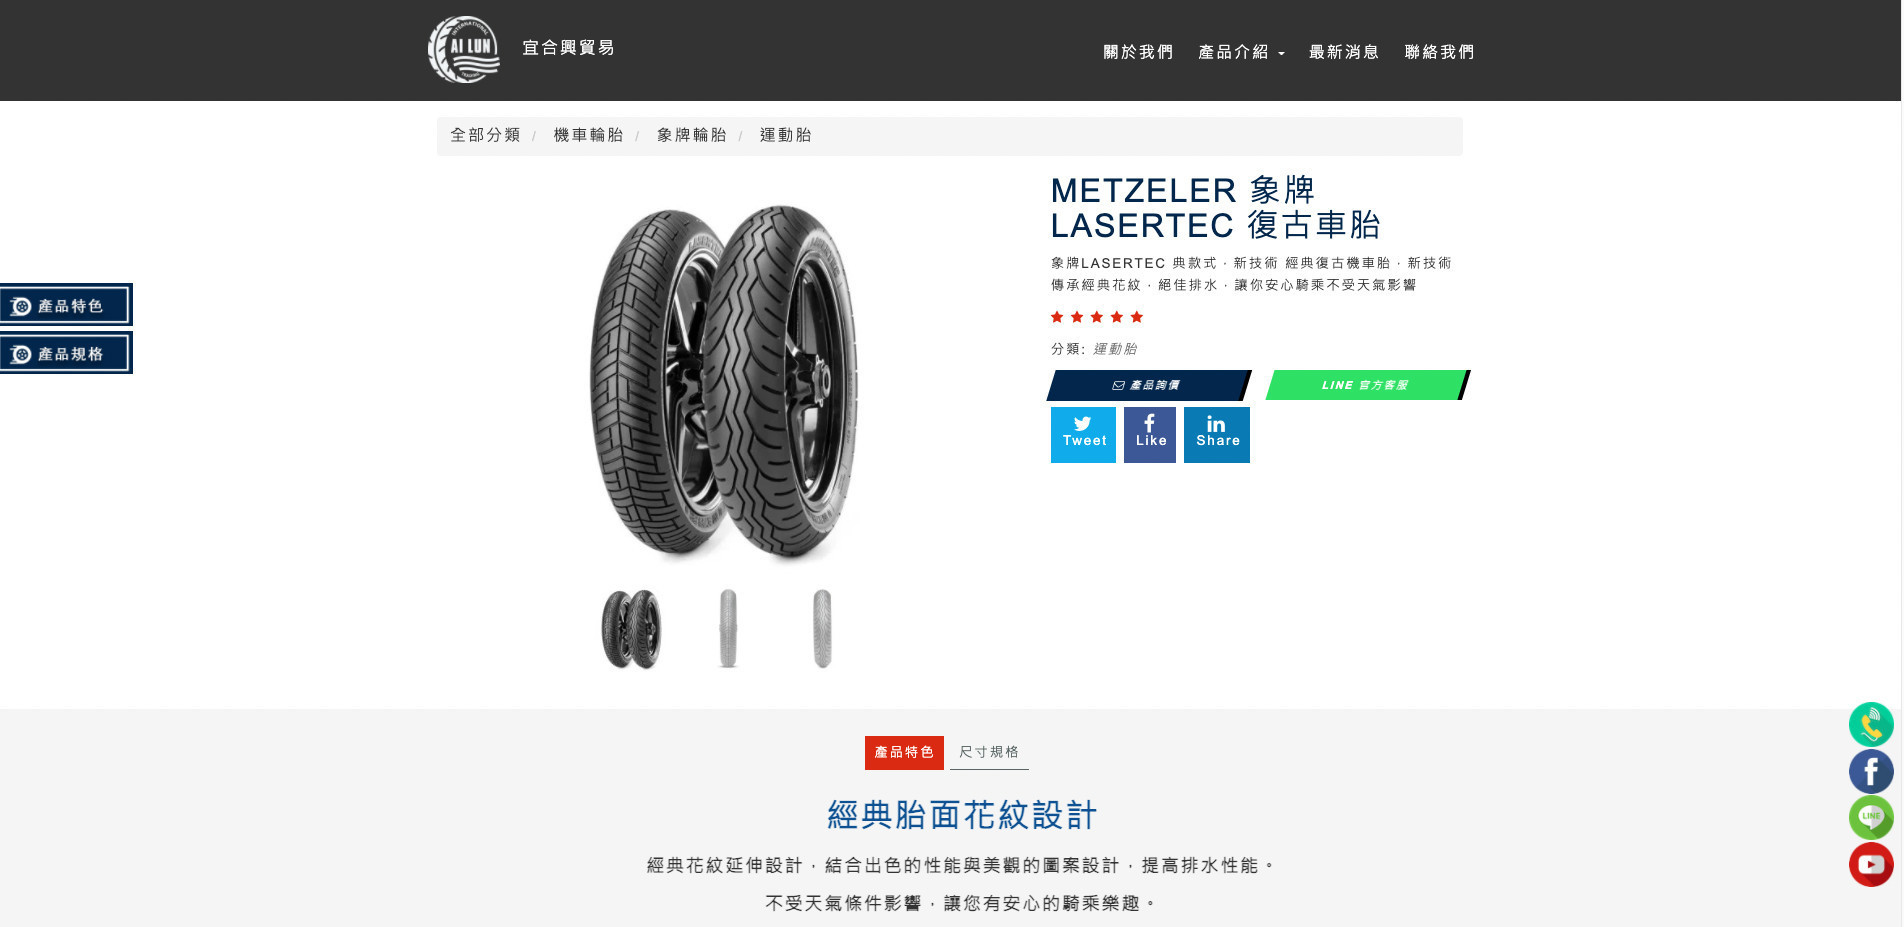 高雄SEO優化網頁設計成功案例-產品詳細頁 宜合興機車零件及輪胎貿易商